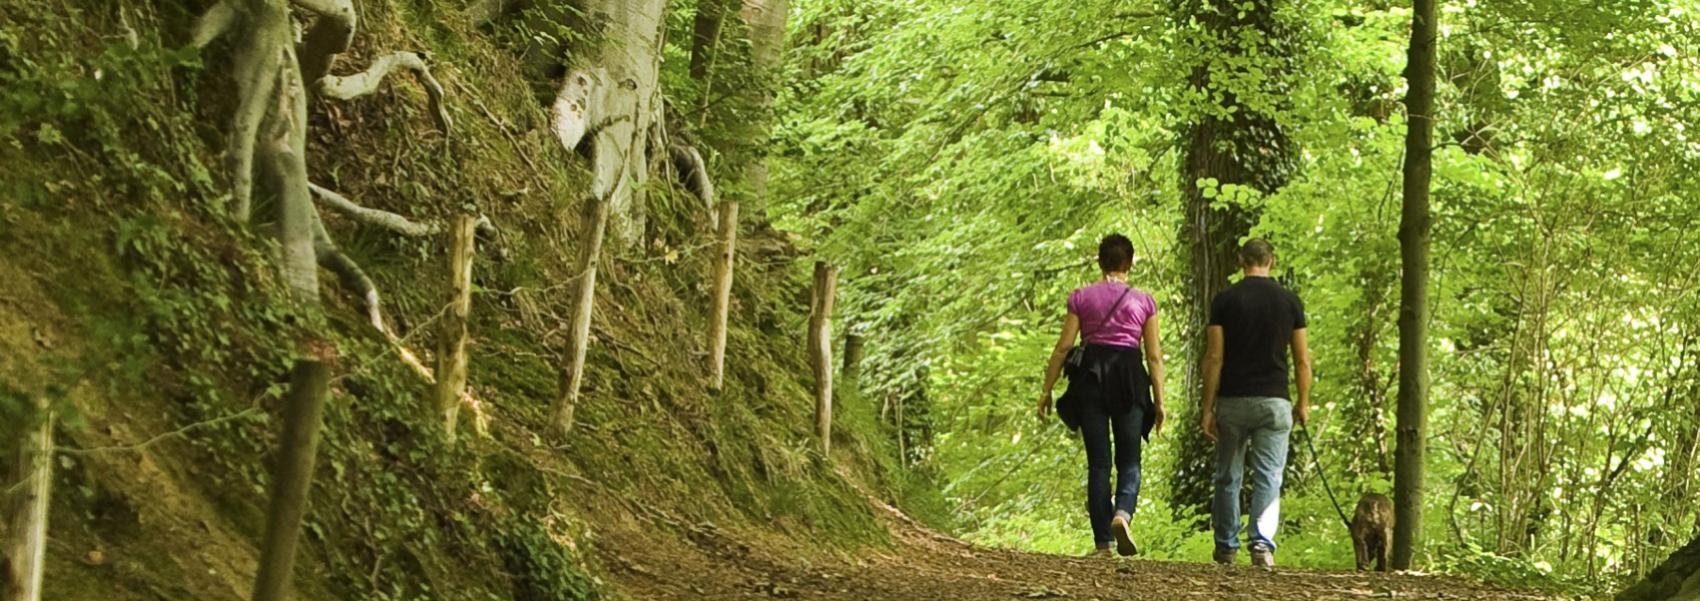 wandelaars in het bos